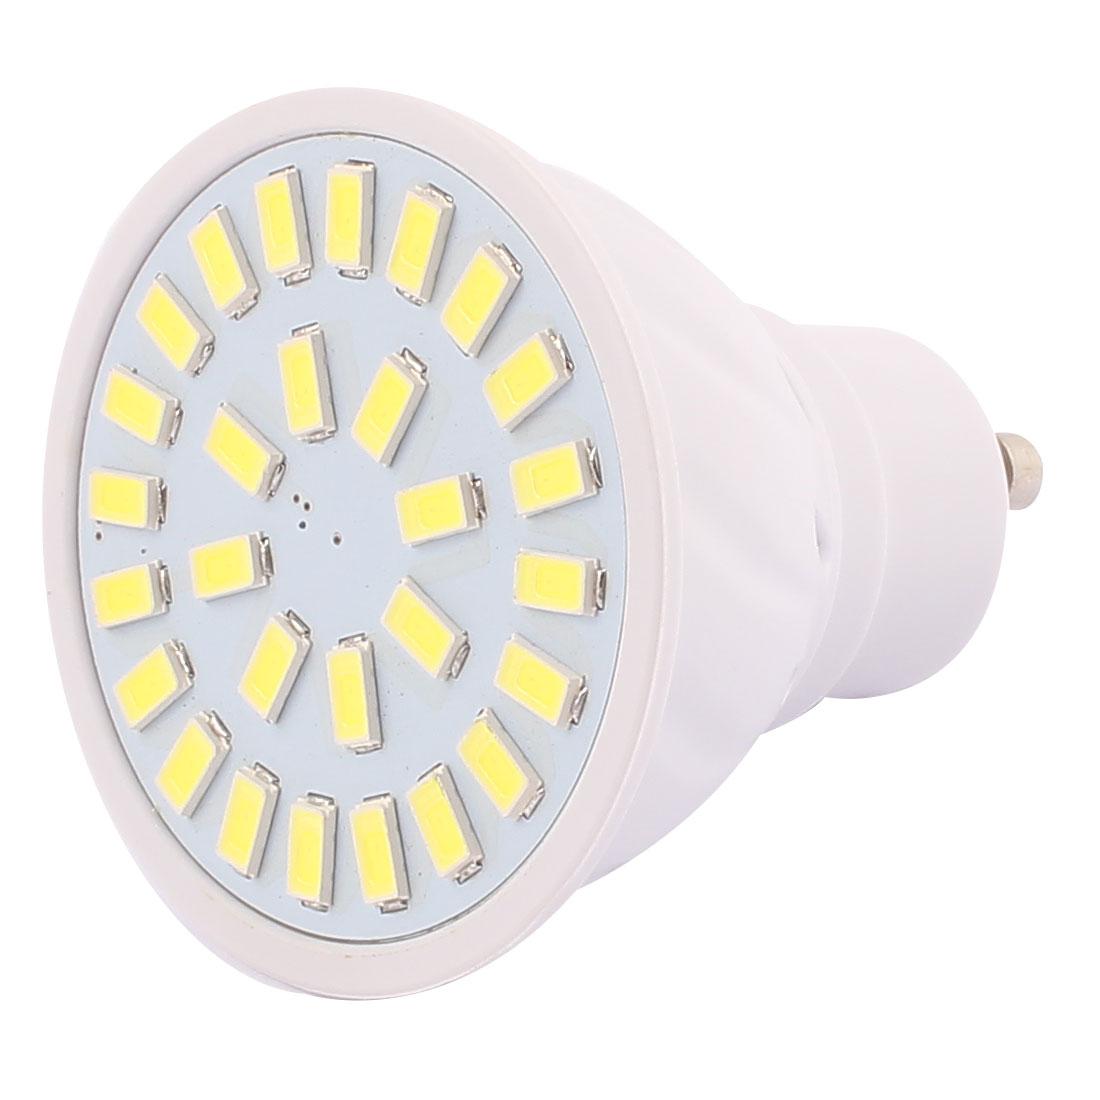 220V GU10 LED Light 4W 5730 SMD 28 LEDs Spotlight Down Lamp Bulb Cool White